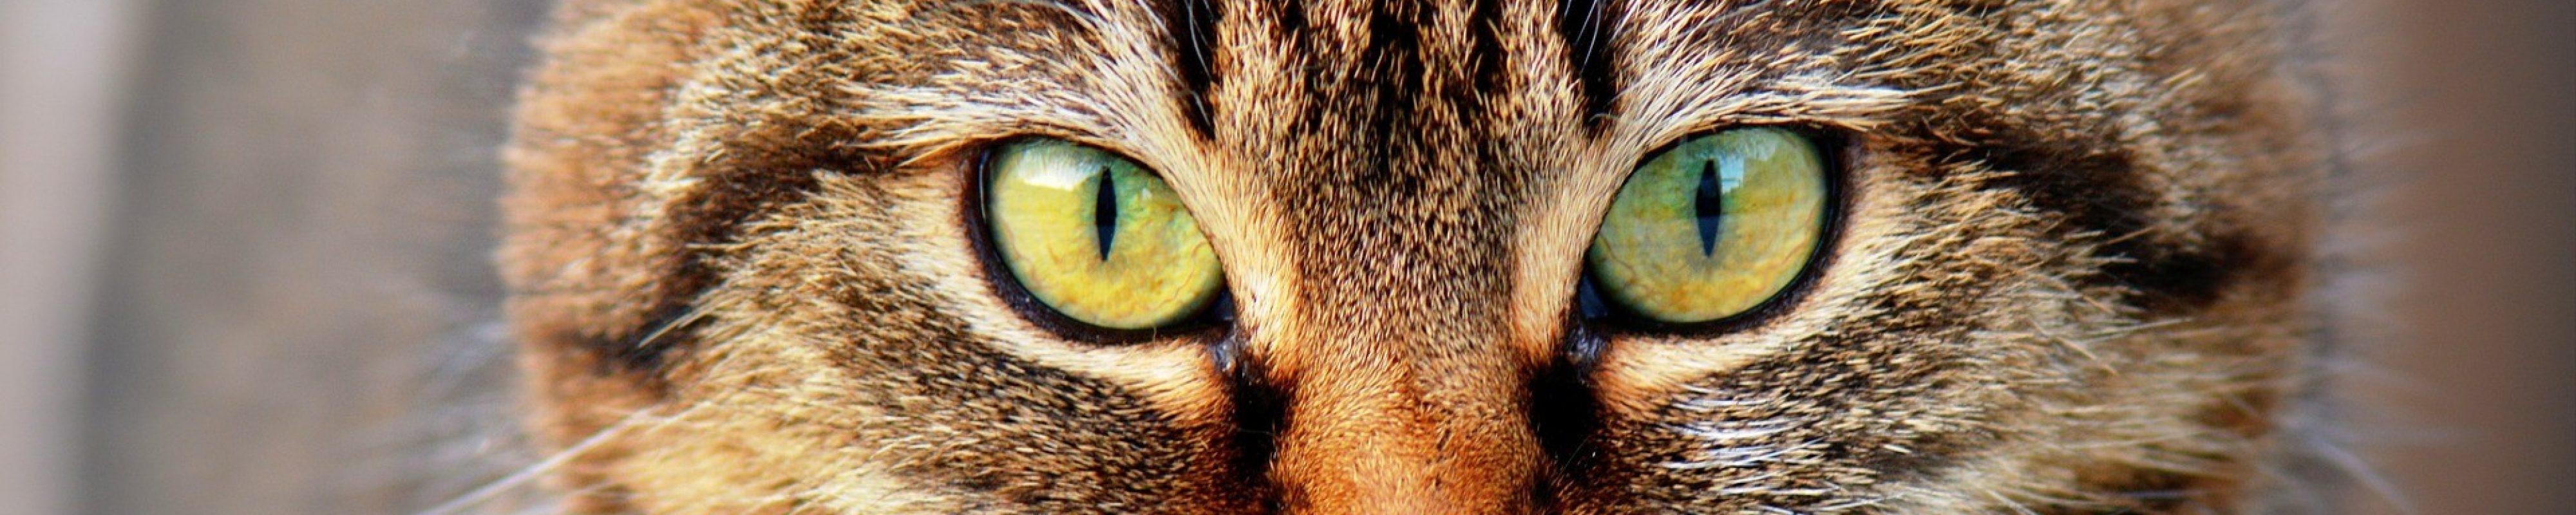 cat-300572_1920